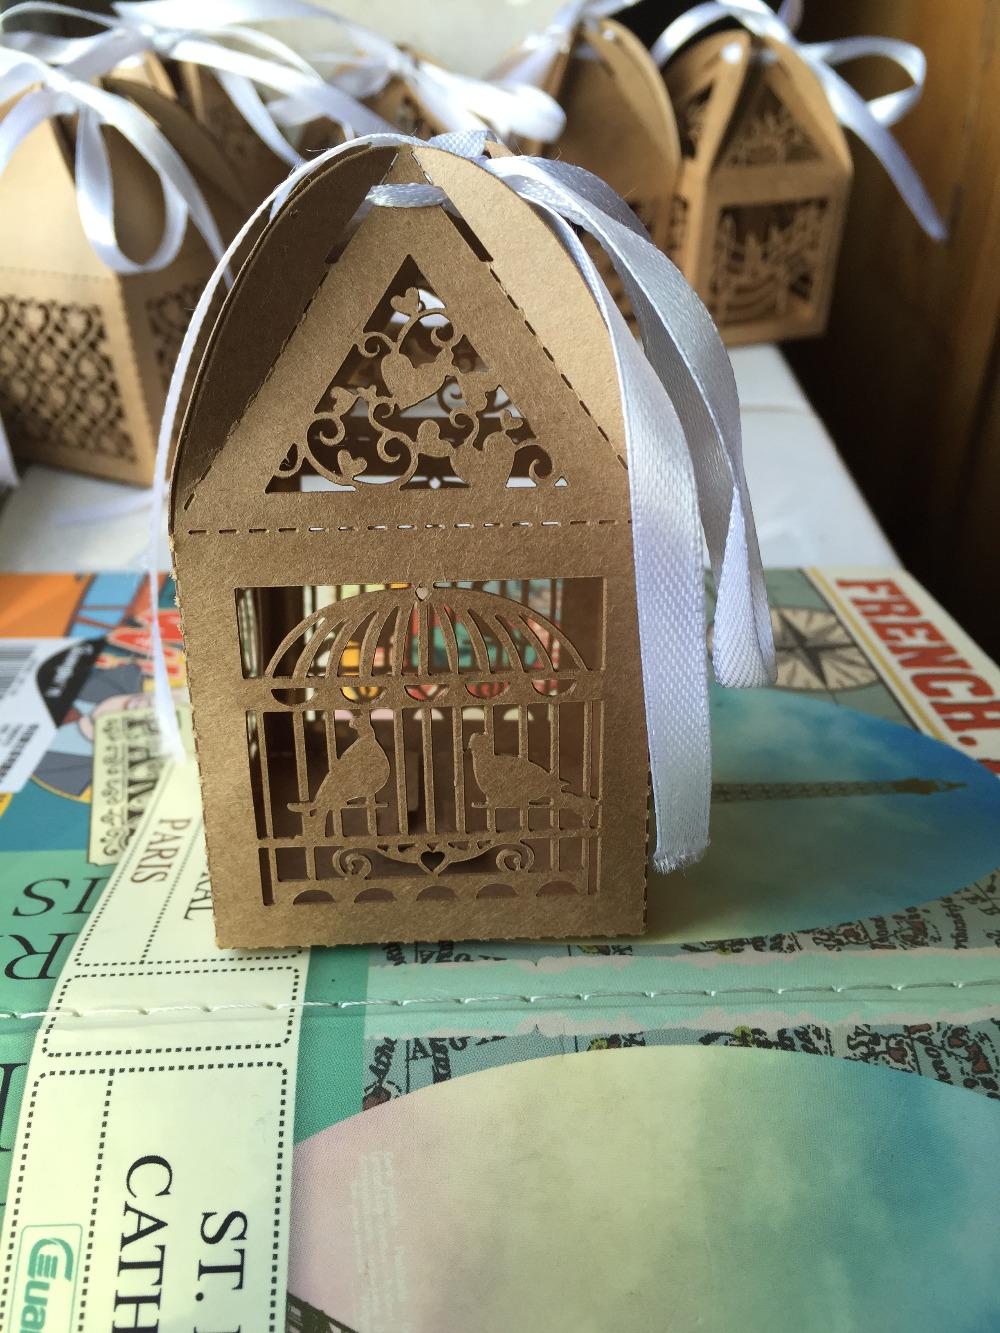 5*5*8.5 cm Nova Chegada 100 pcs Pássaro Bolo Macaron de Chocolate Casamento Caixa De Embalagem de Papel Kraft/Embalagem de Presente Caixas de Festa de natal(China (Mainland))